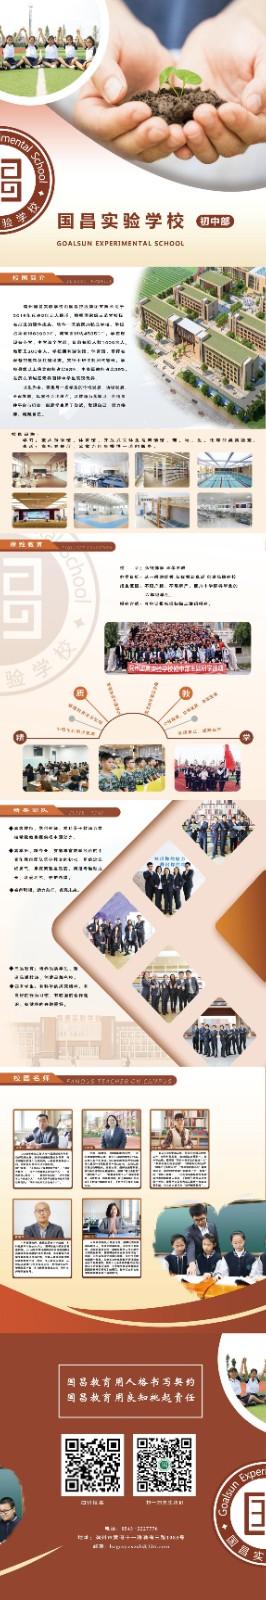 滨州国昌实验学校初中部招生简章